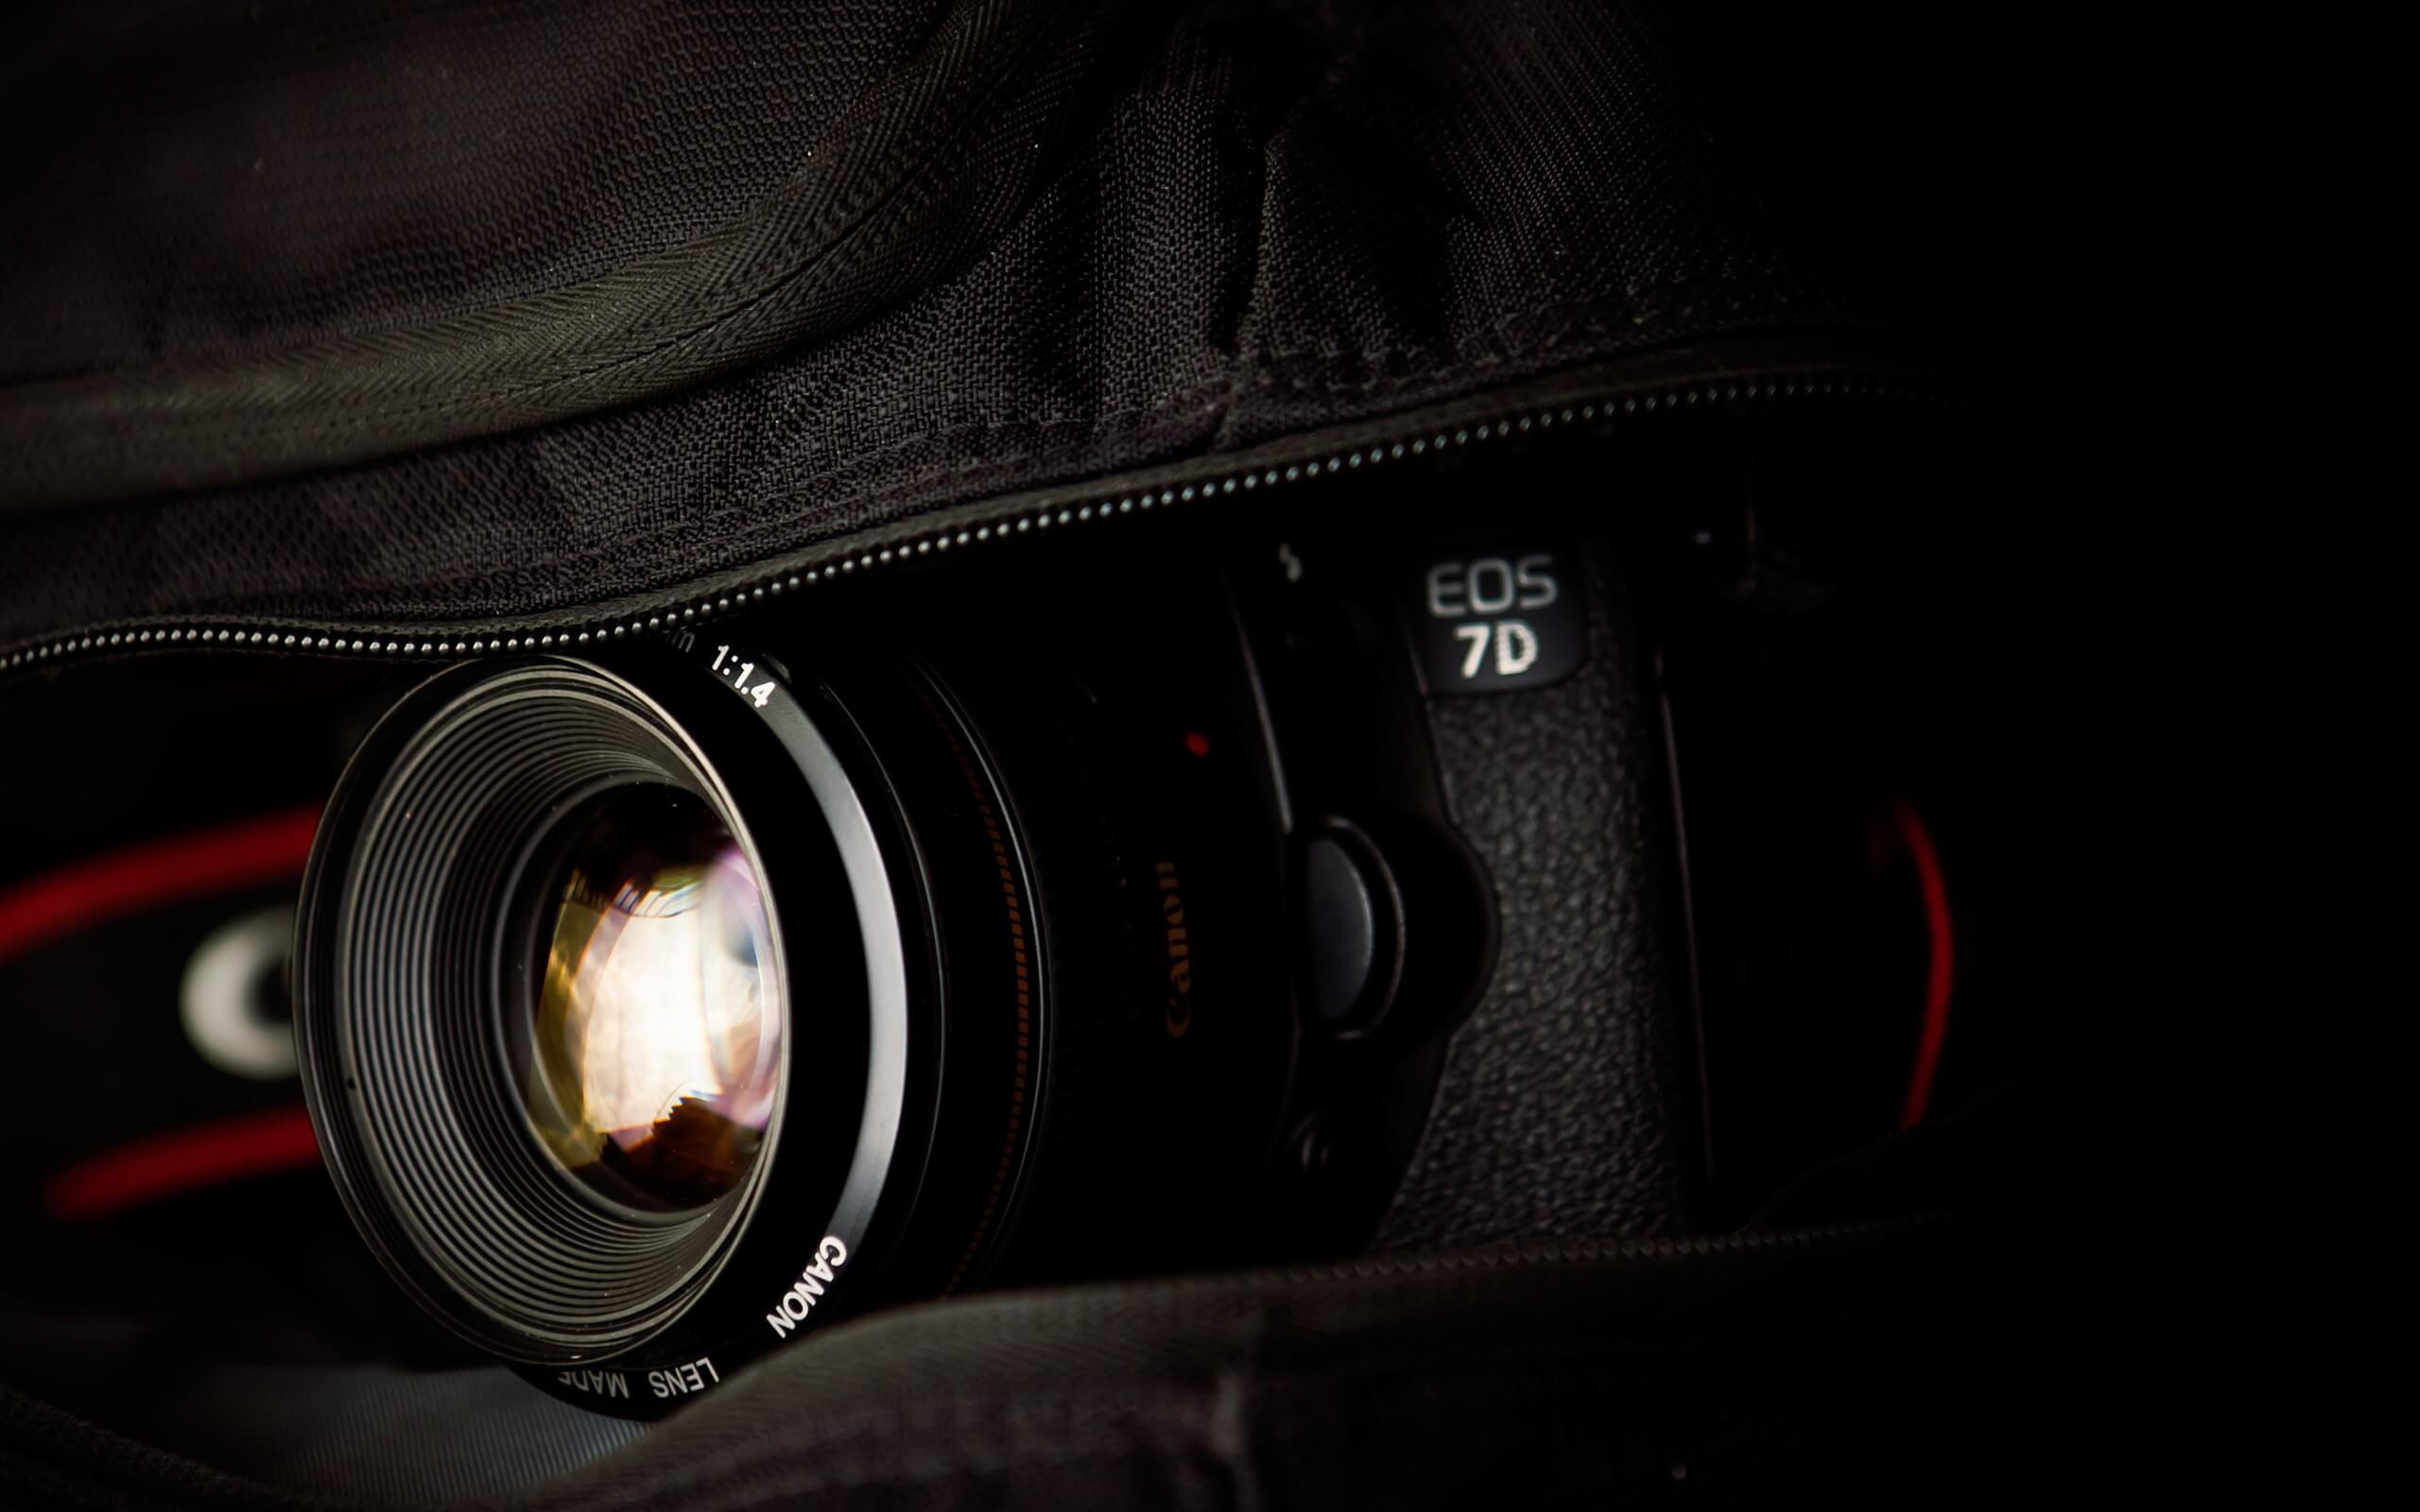 """Красивые картинки и обои """"Камера"""" - подборка изображений 13"""